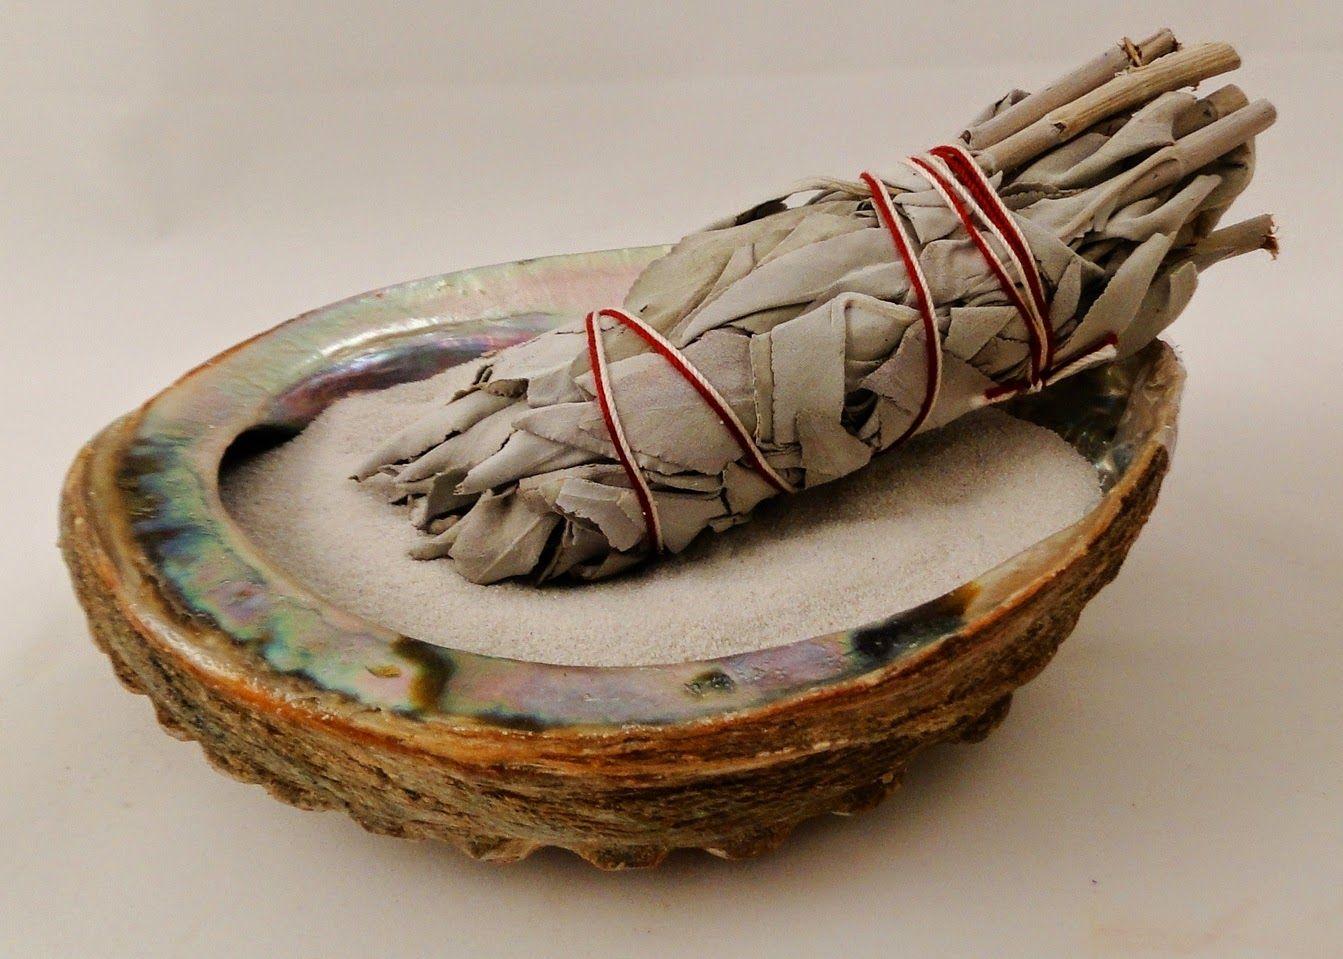 Sage & Herbs from Sheer Treasures